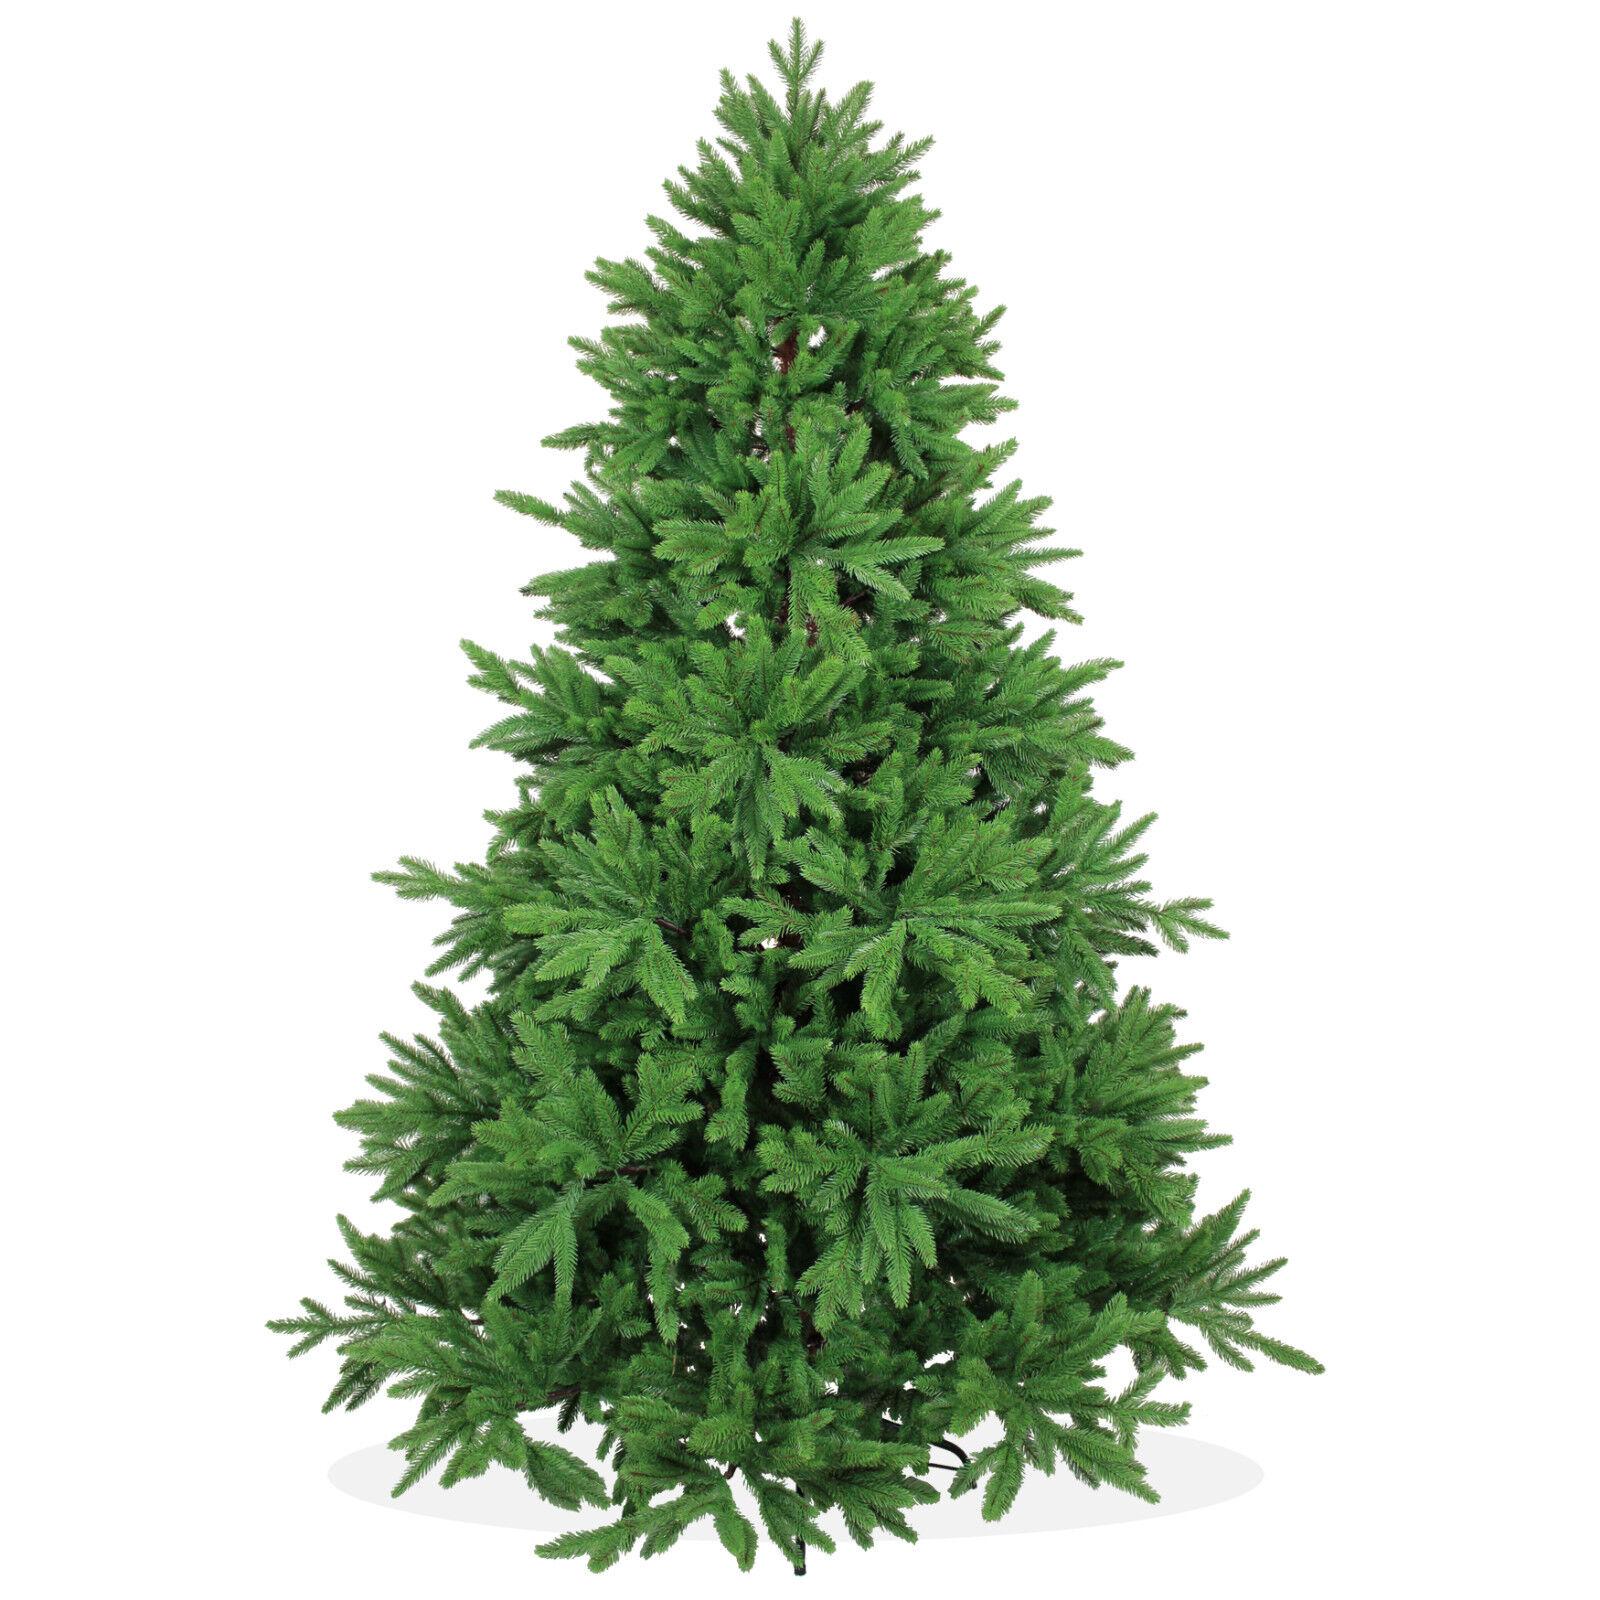 Christmas Tree Nordmann Fir: Artificial Christmas Fir Tree DeLuxe 7ft 213 210cm